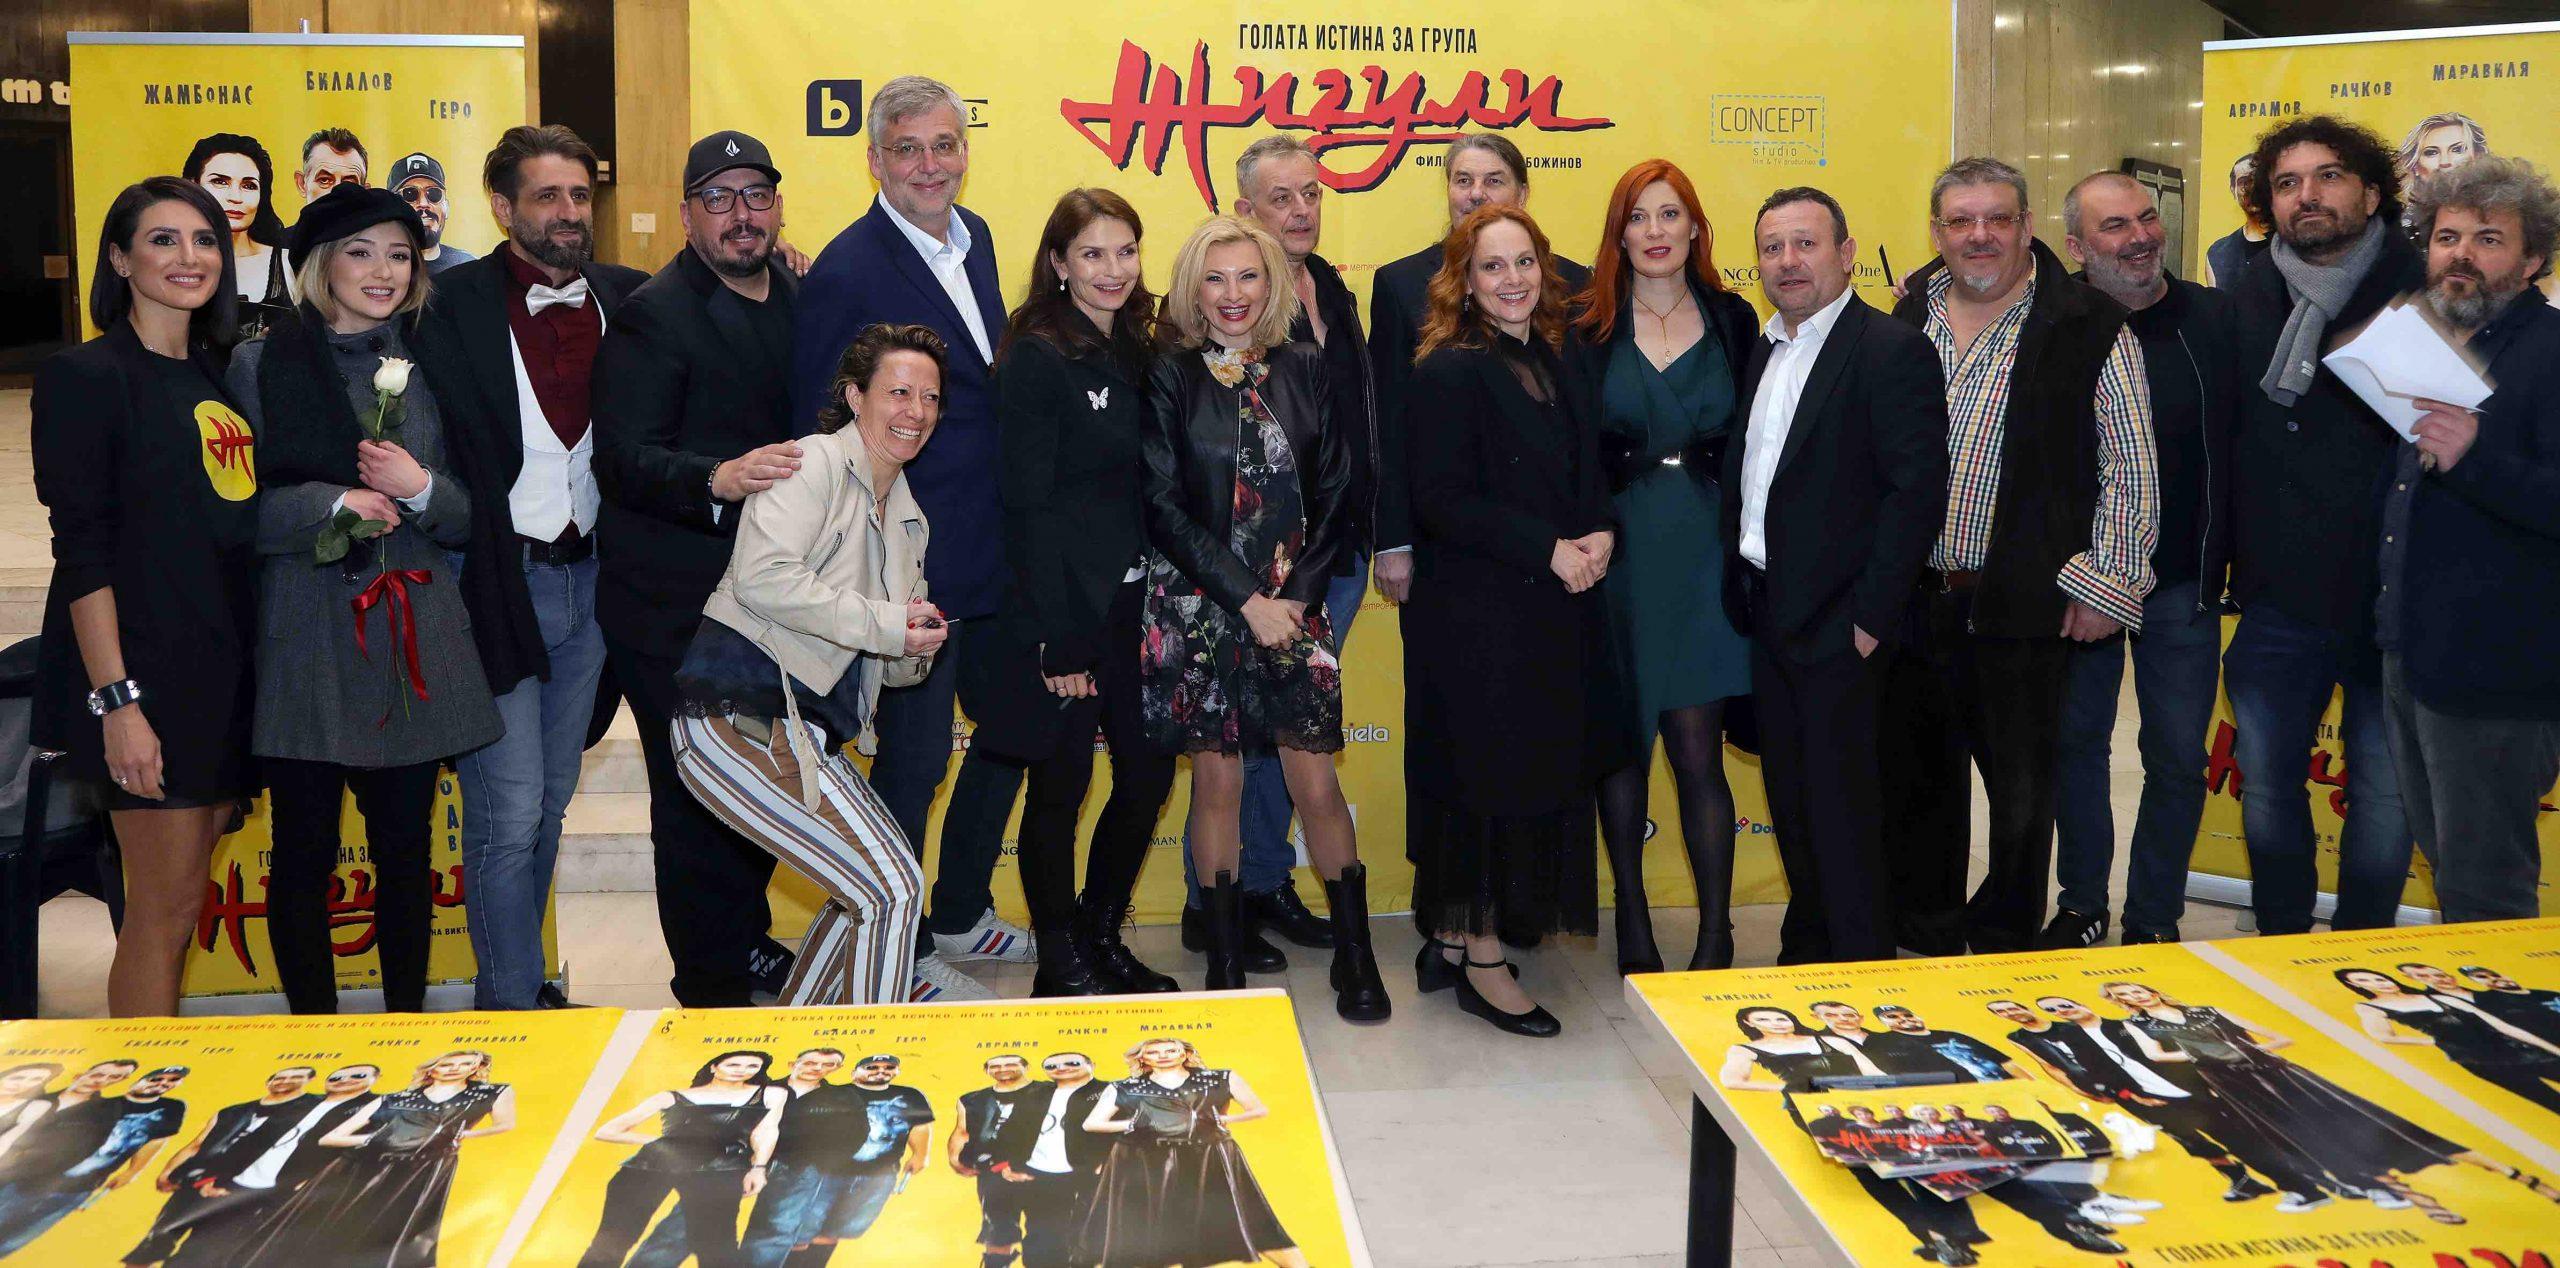 """Над 1000 зрители отбелязаха Гала премиерата на """"Голата истина за група Жигули"""" 28"""